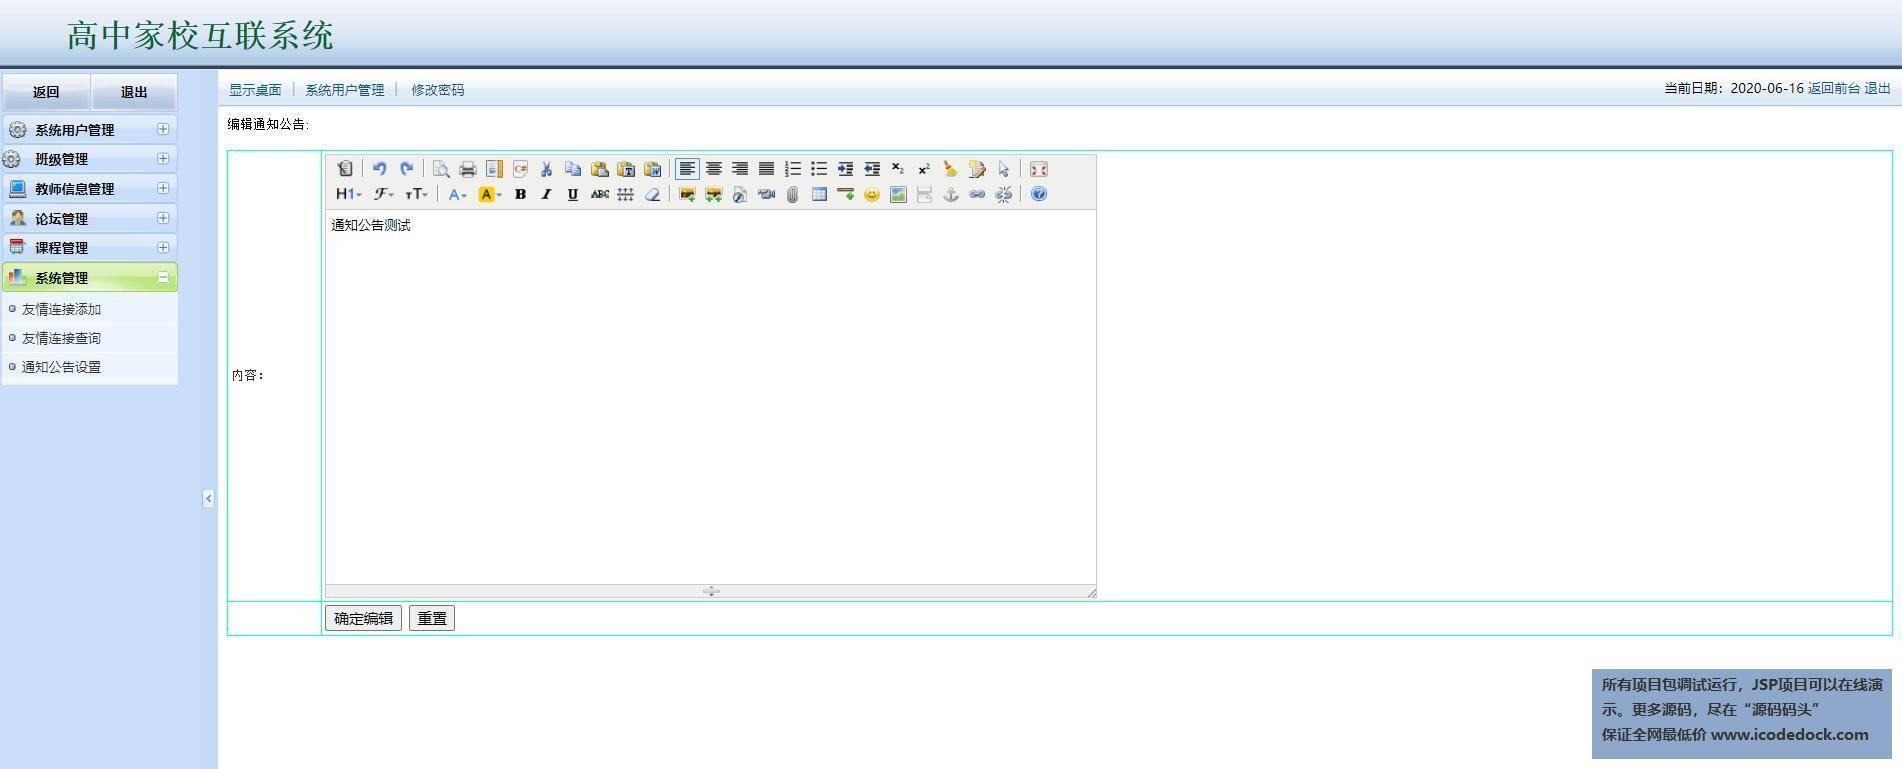 源码码头-JSP家校通管理系统-管理员角色-系统设置公告管理